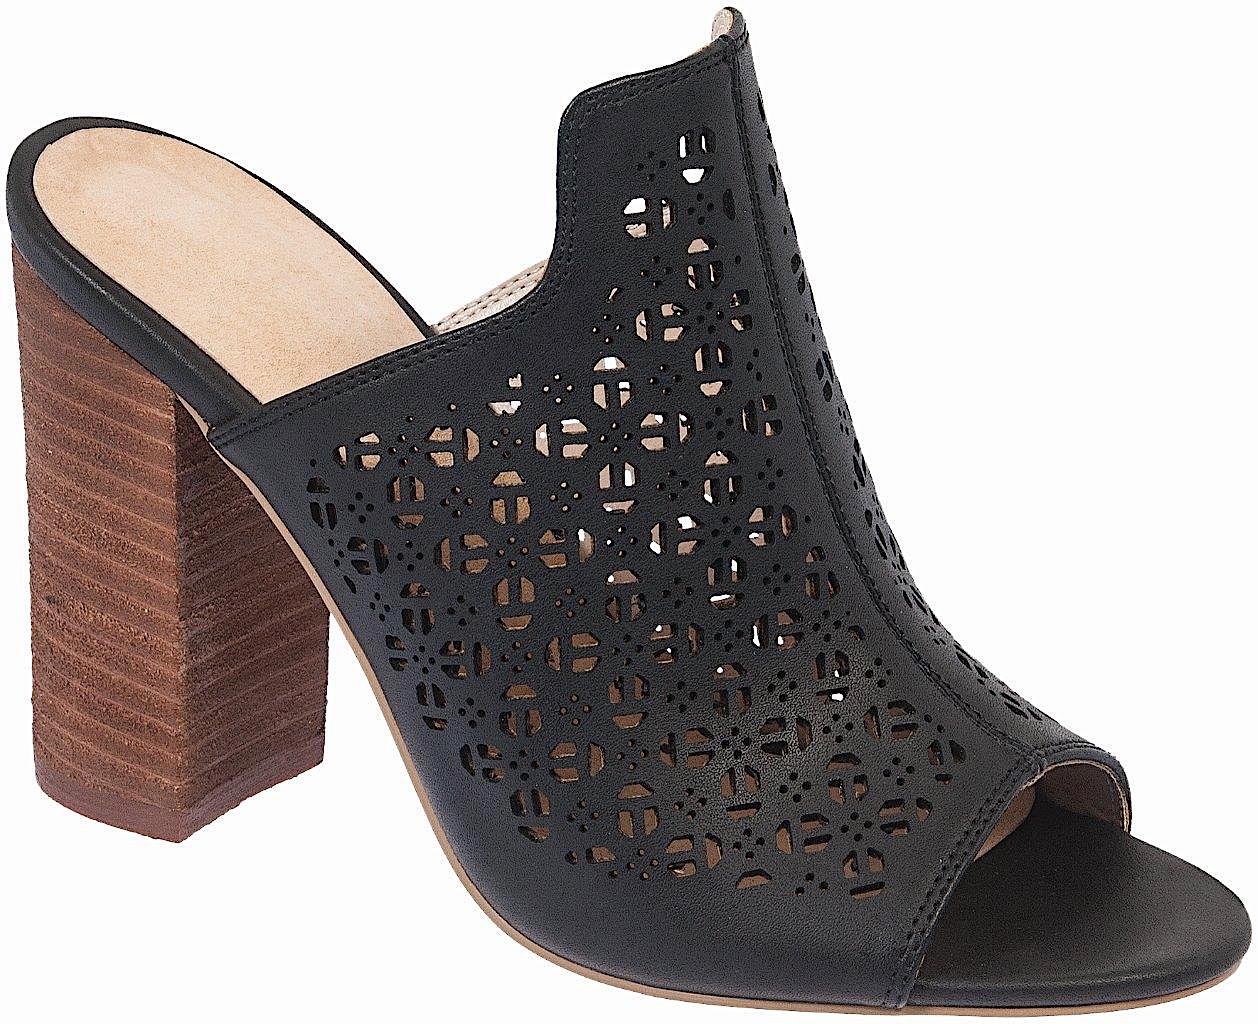 5d52994d0f6 Adam's Shoes